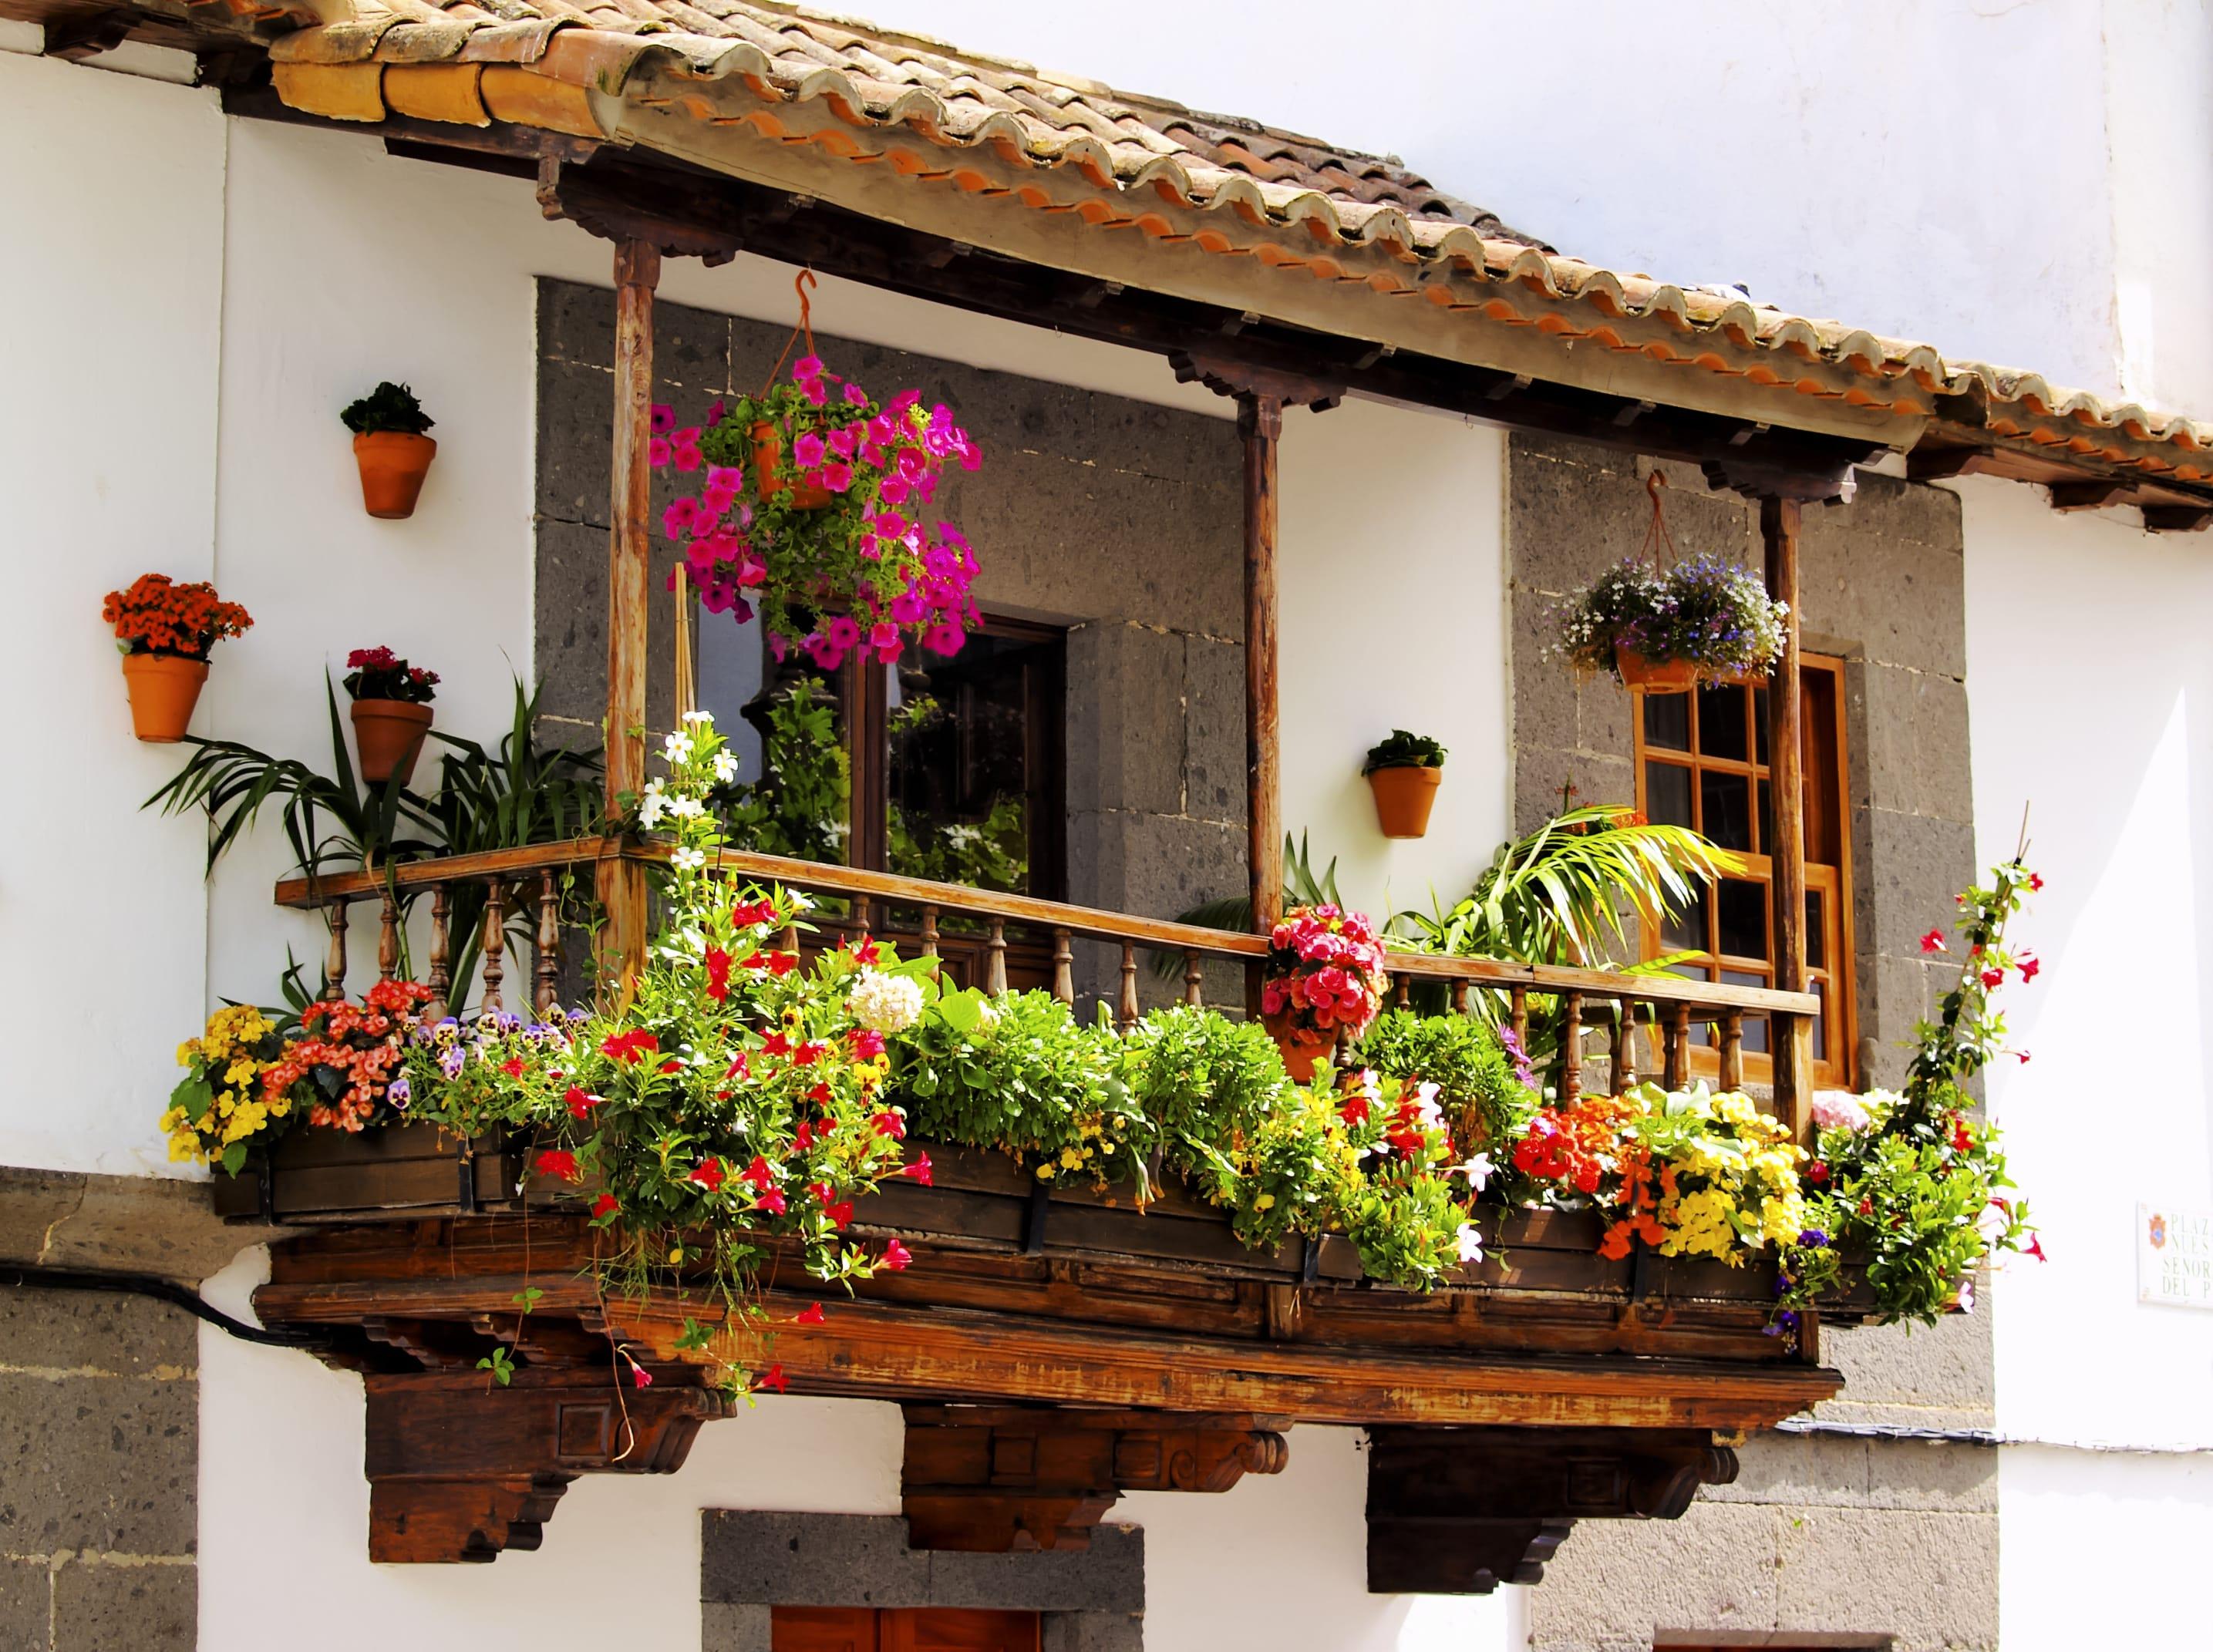 Piante Per Balcone : Come arredare il balcone con i fiori non sprecare